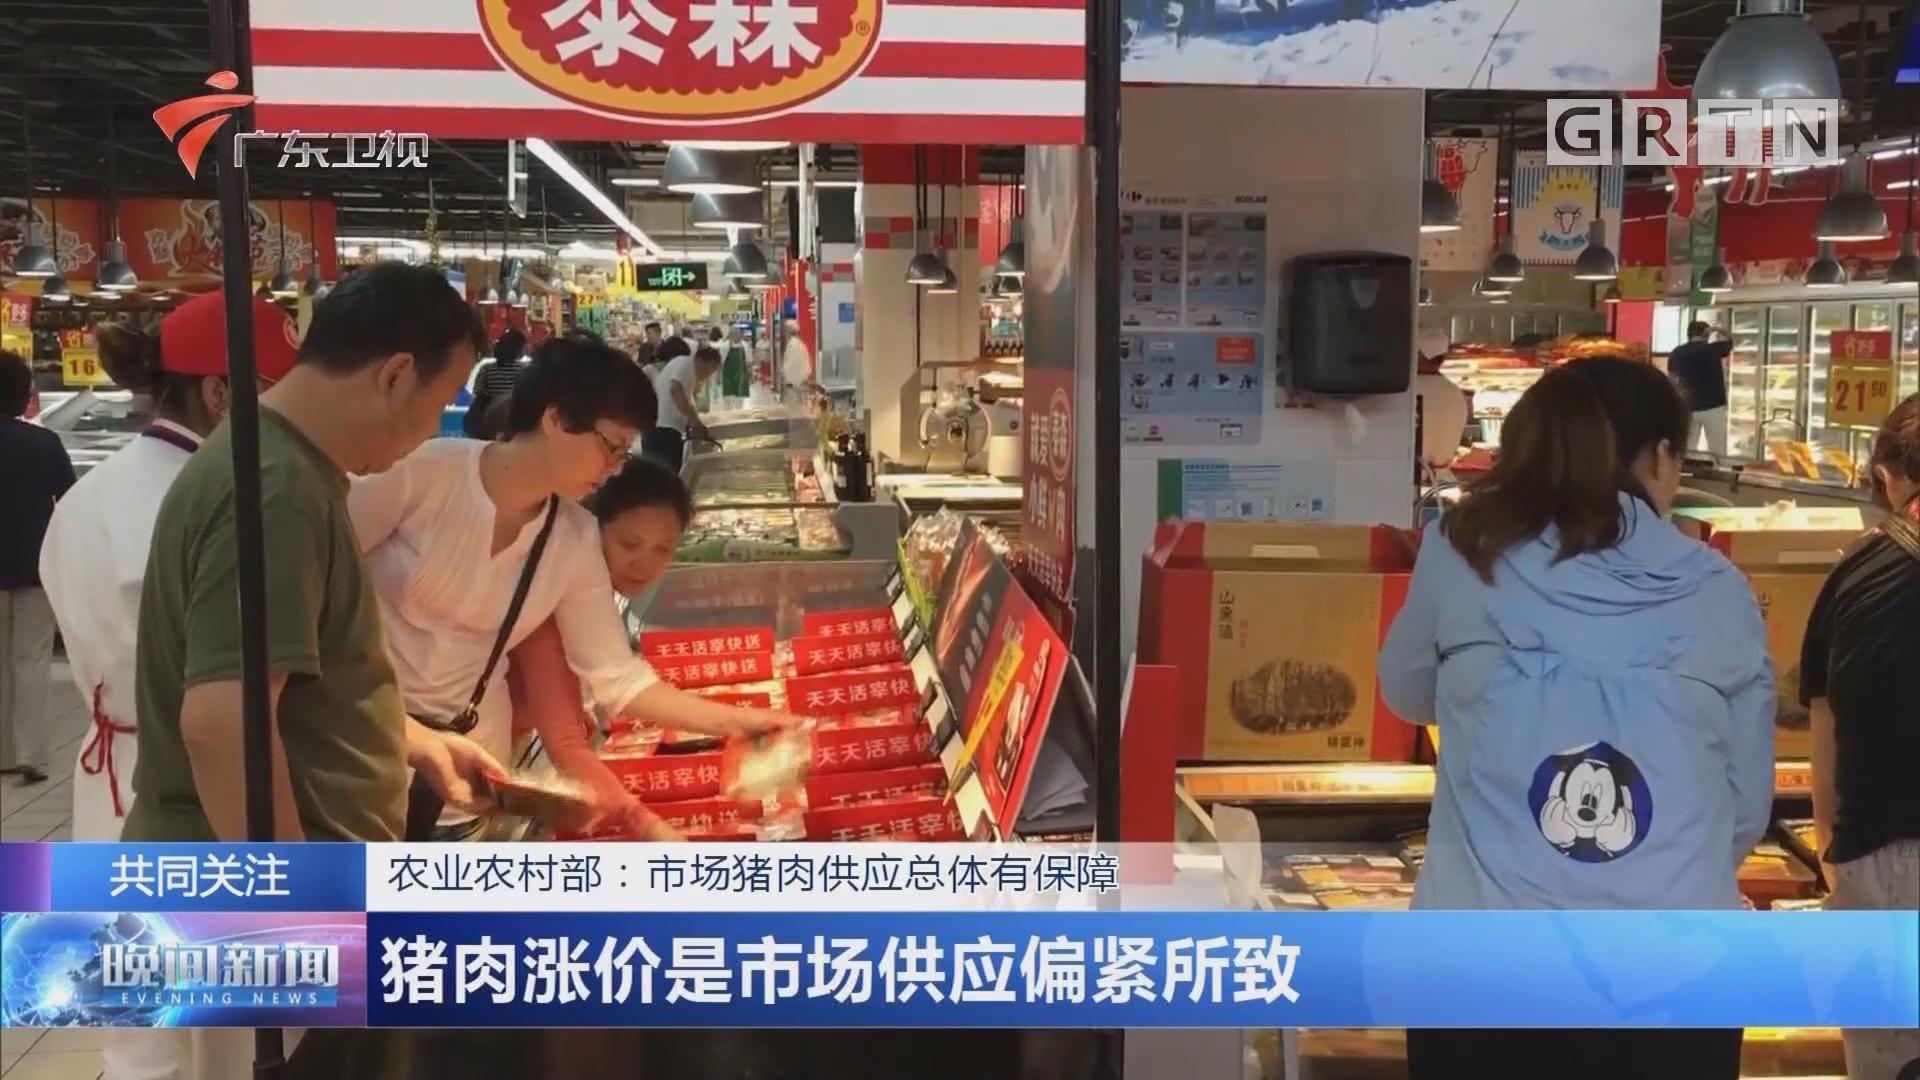 农业农村部:市场猪肉供应总体有保障 猪肉涨价是市场供应偏紧所致